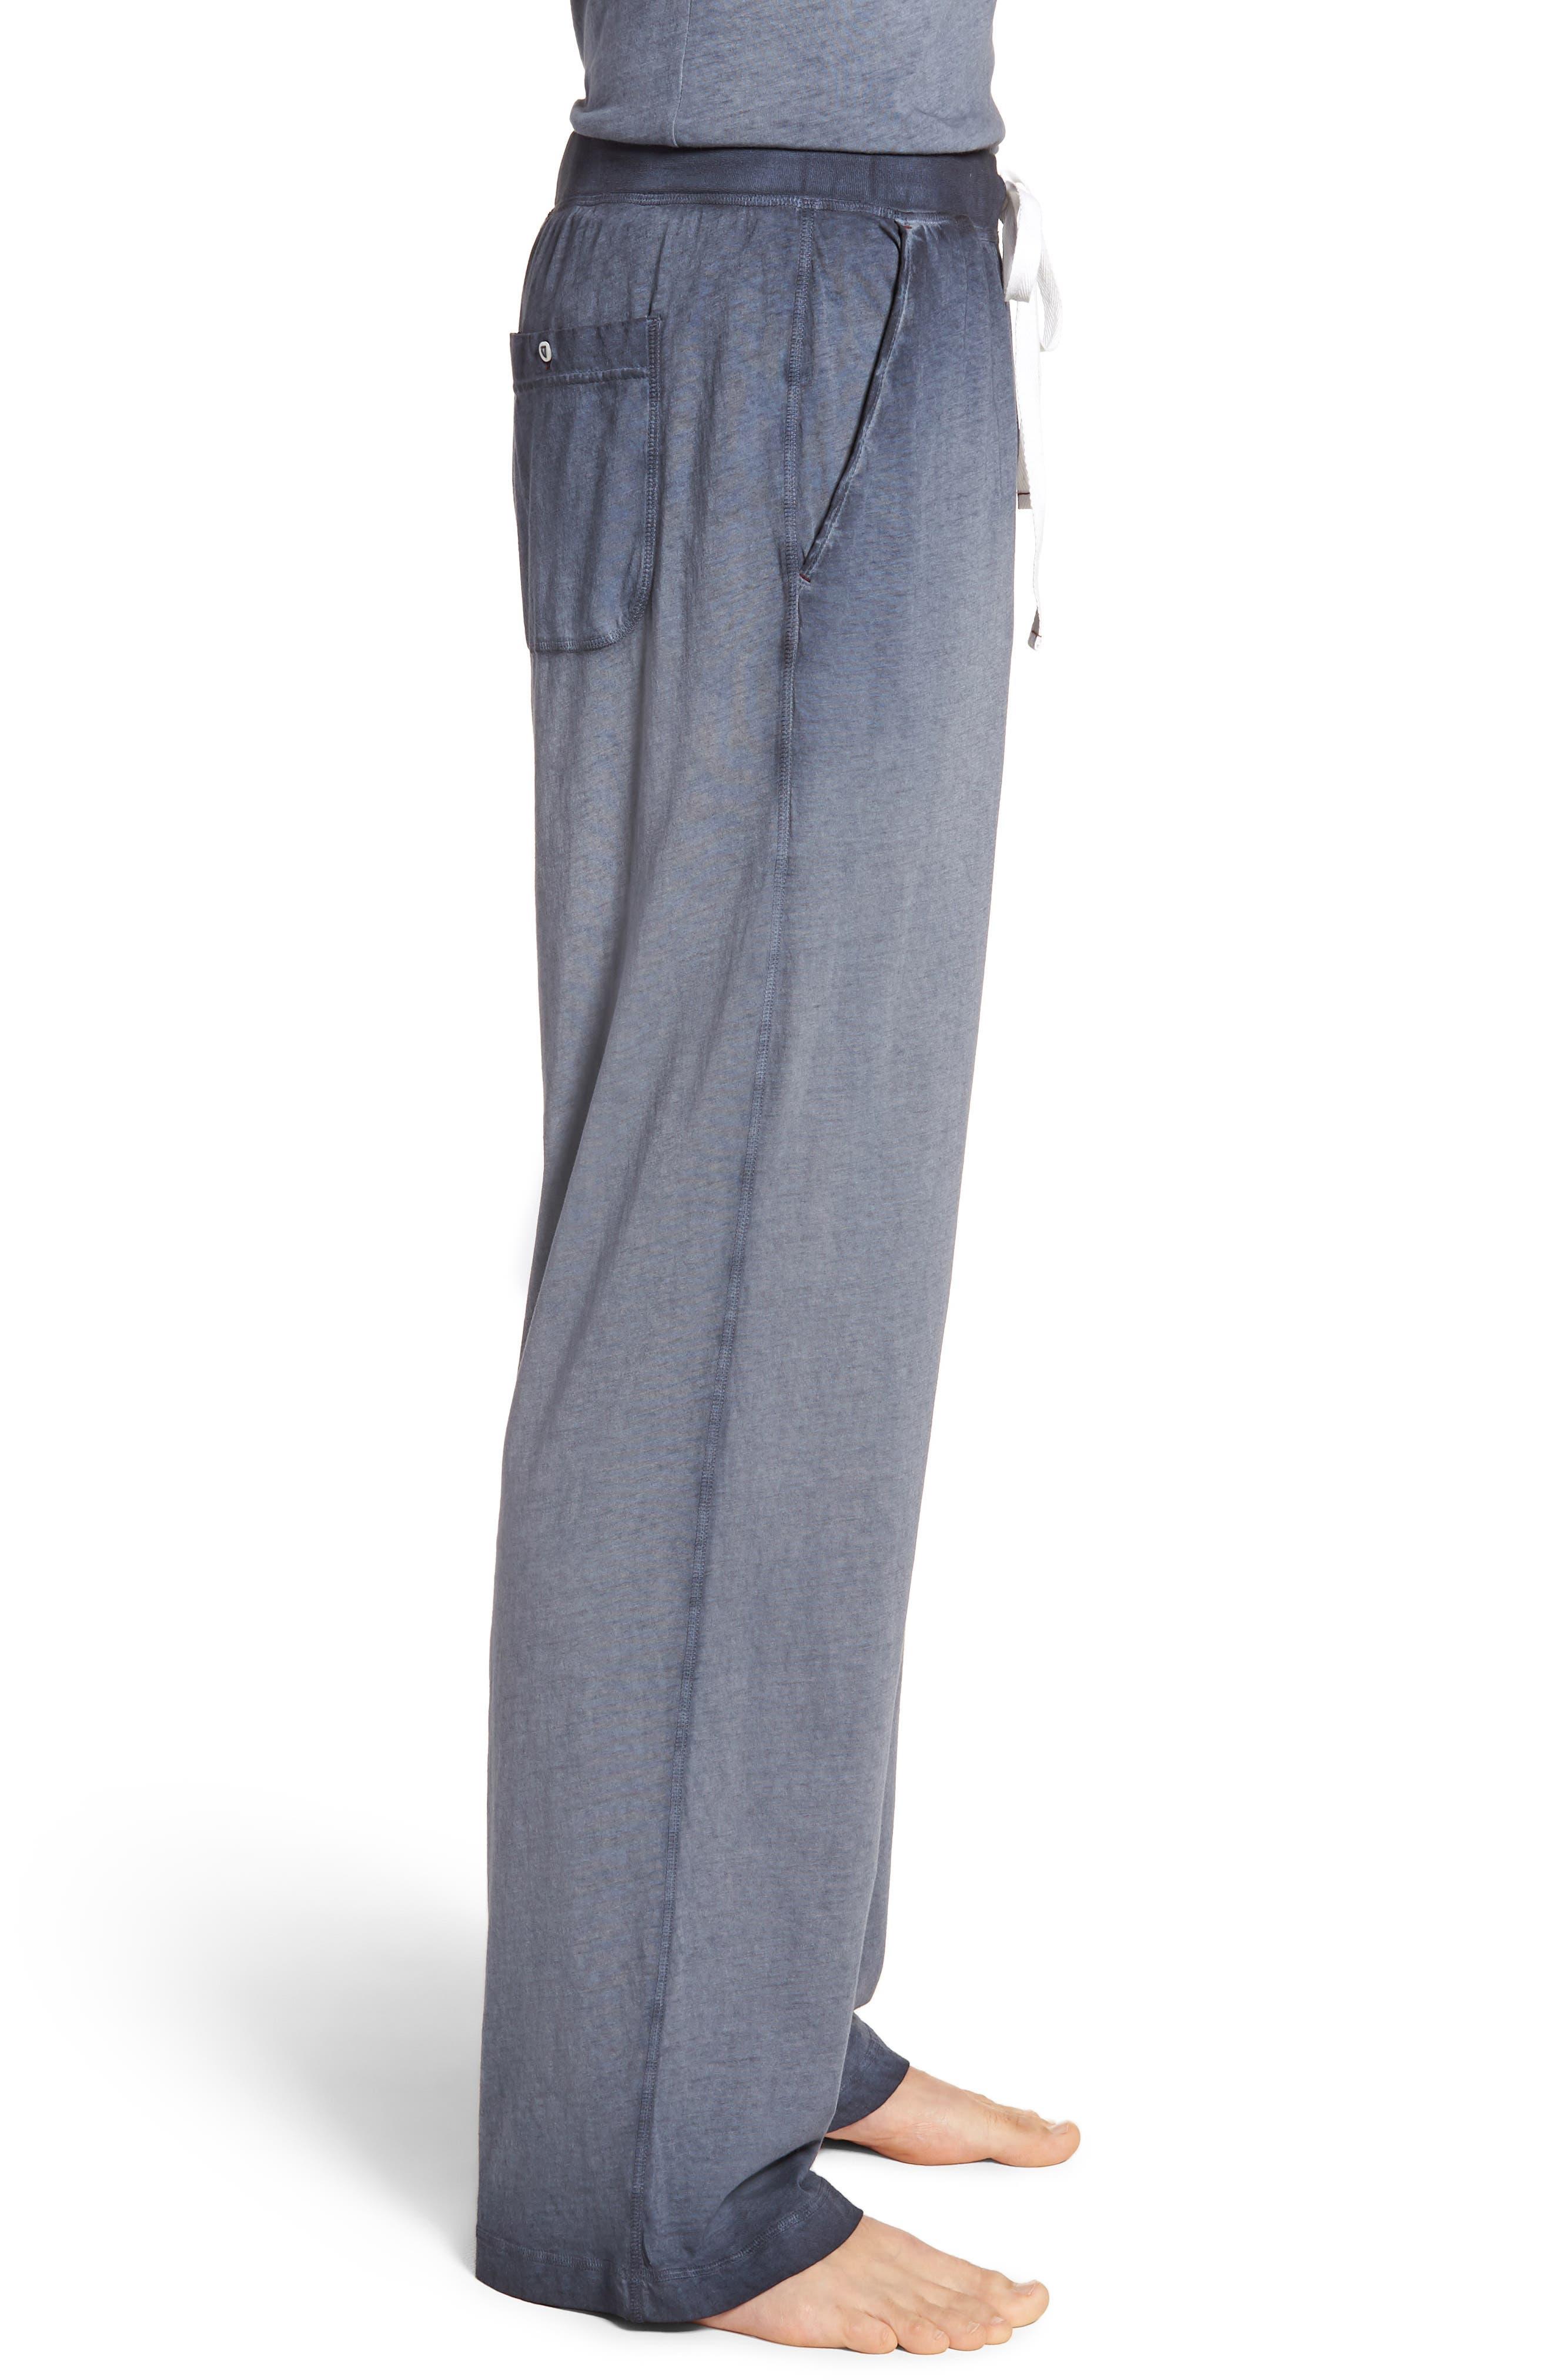 Cotton Lounge Pants,                             Alternate thumbnail 3, color,                             410